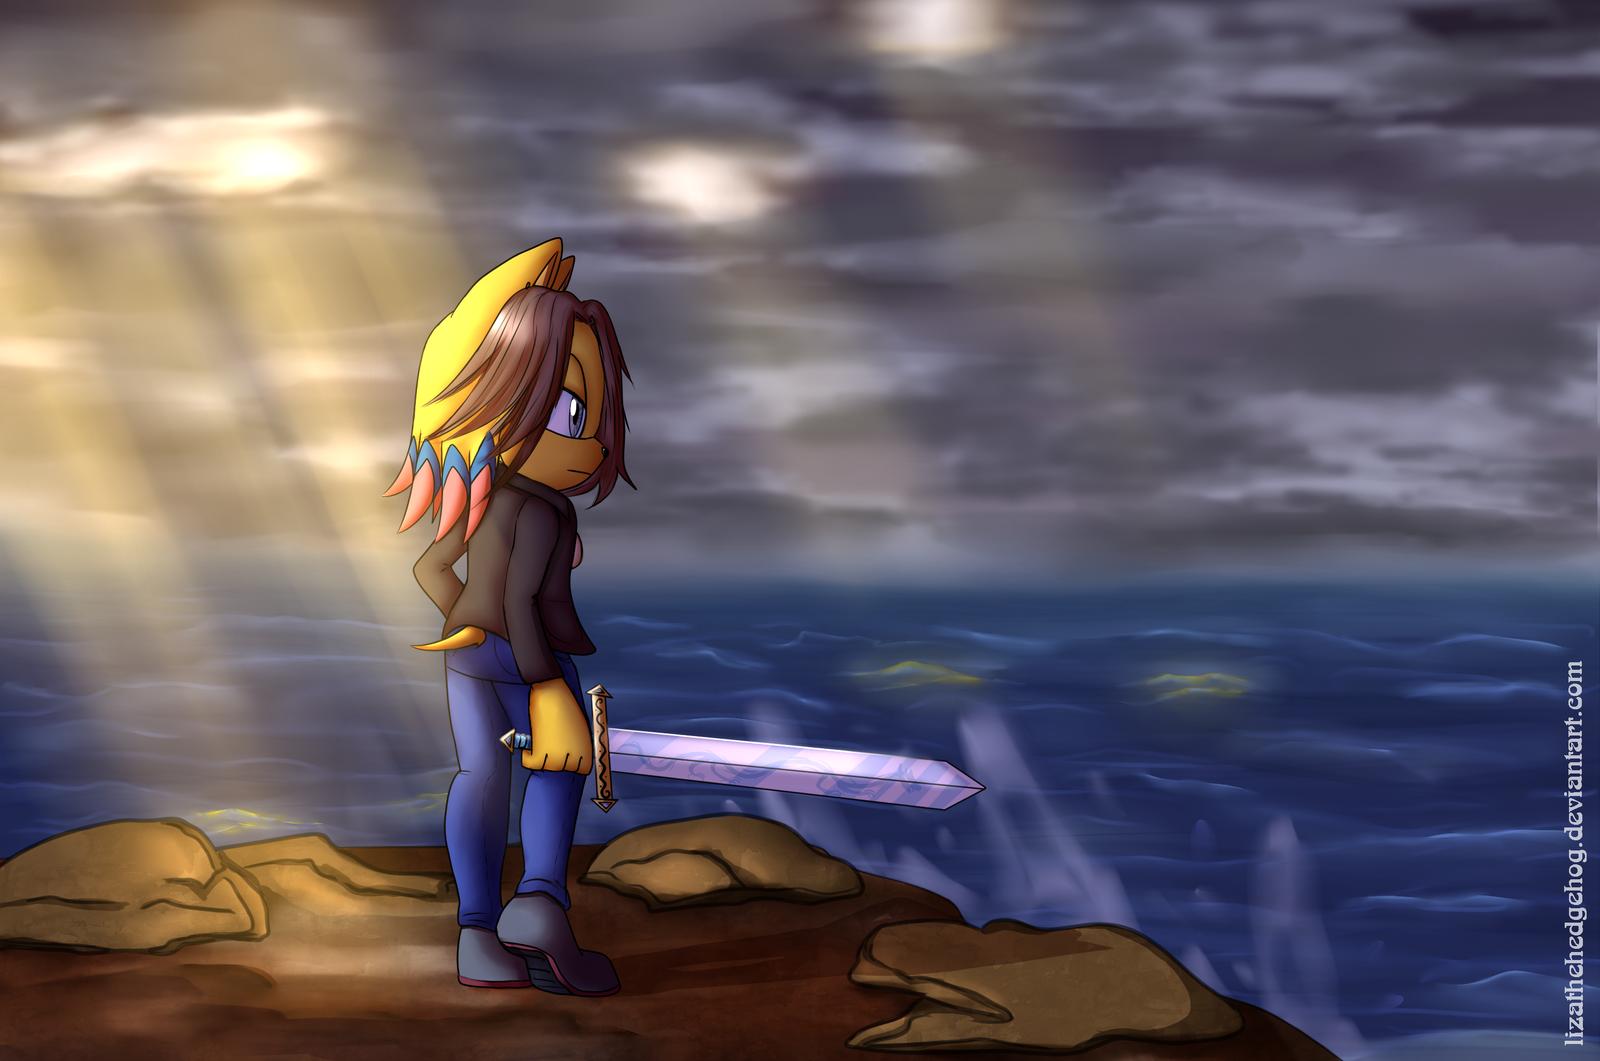 Near the sea by lizathehedgehog